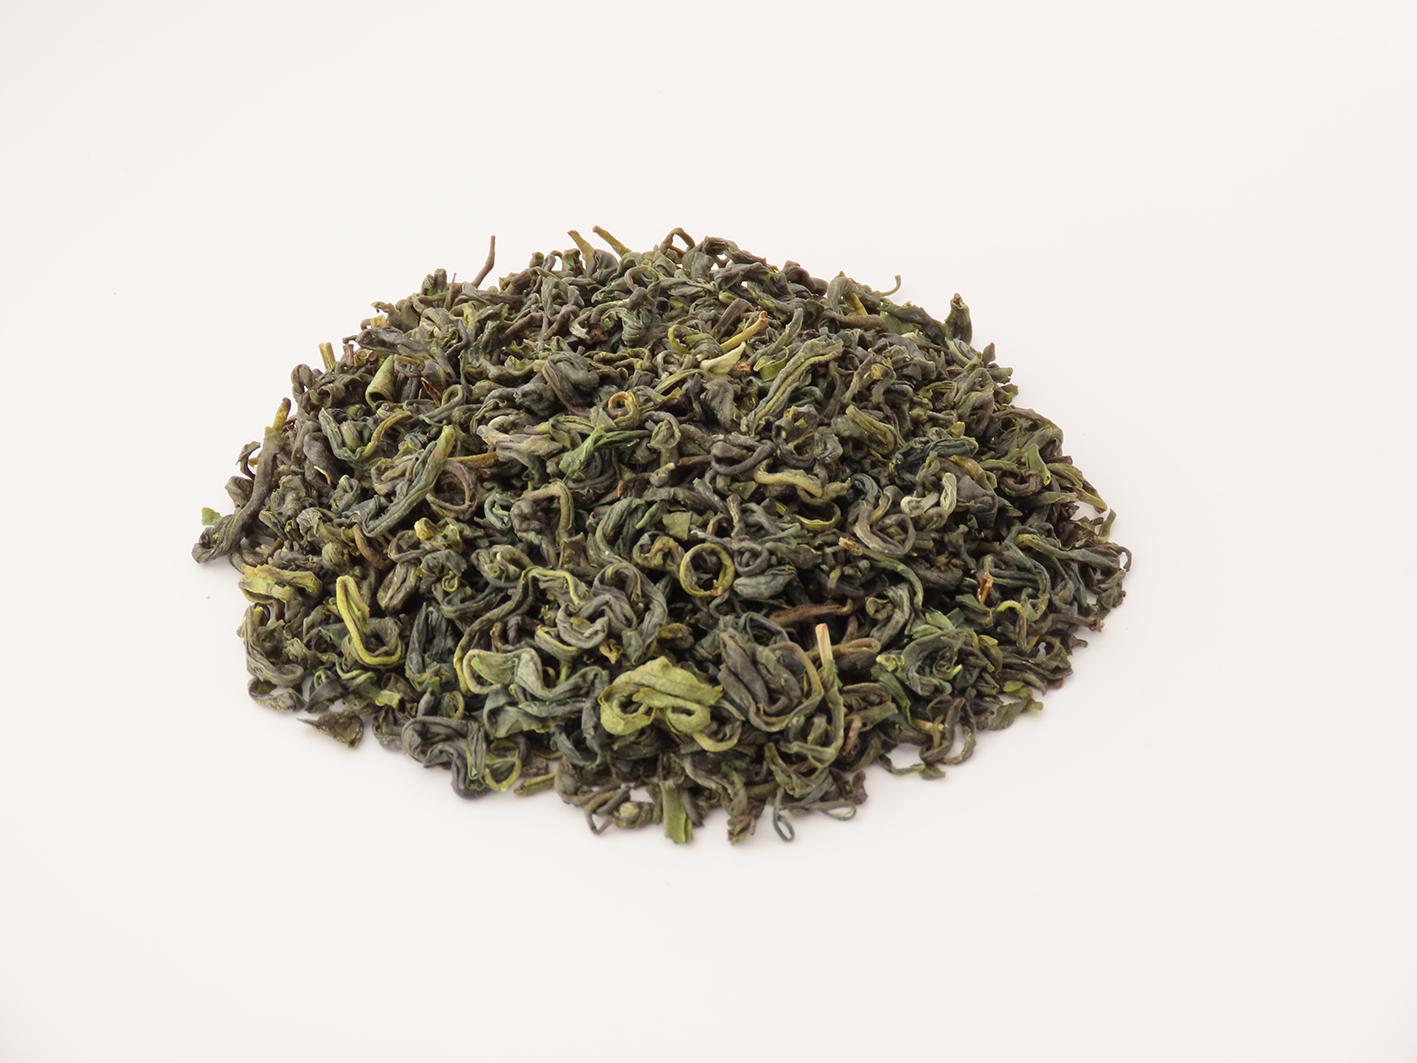 Nilgiri Hand Crafted Dew Drop Green Tea